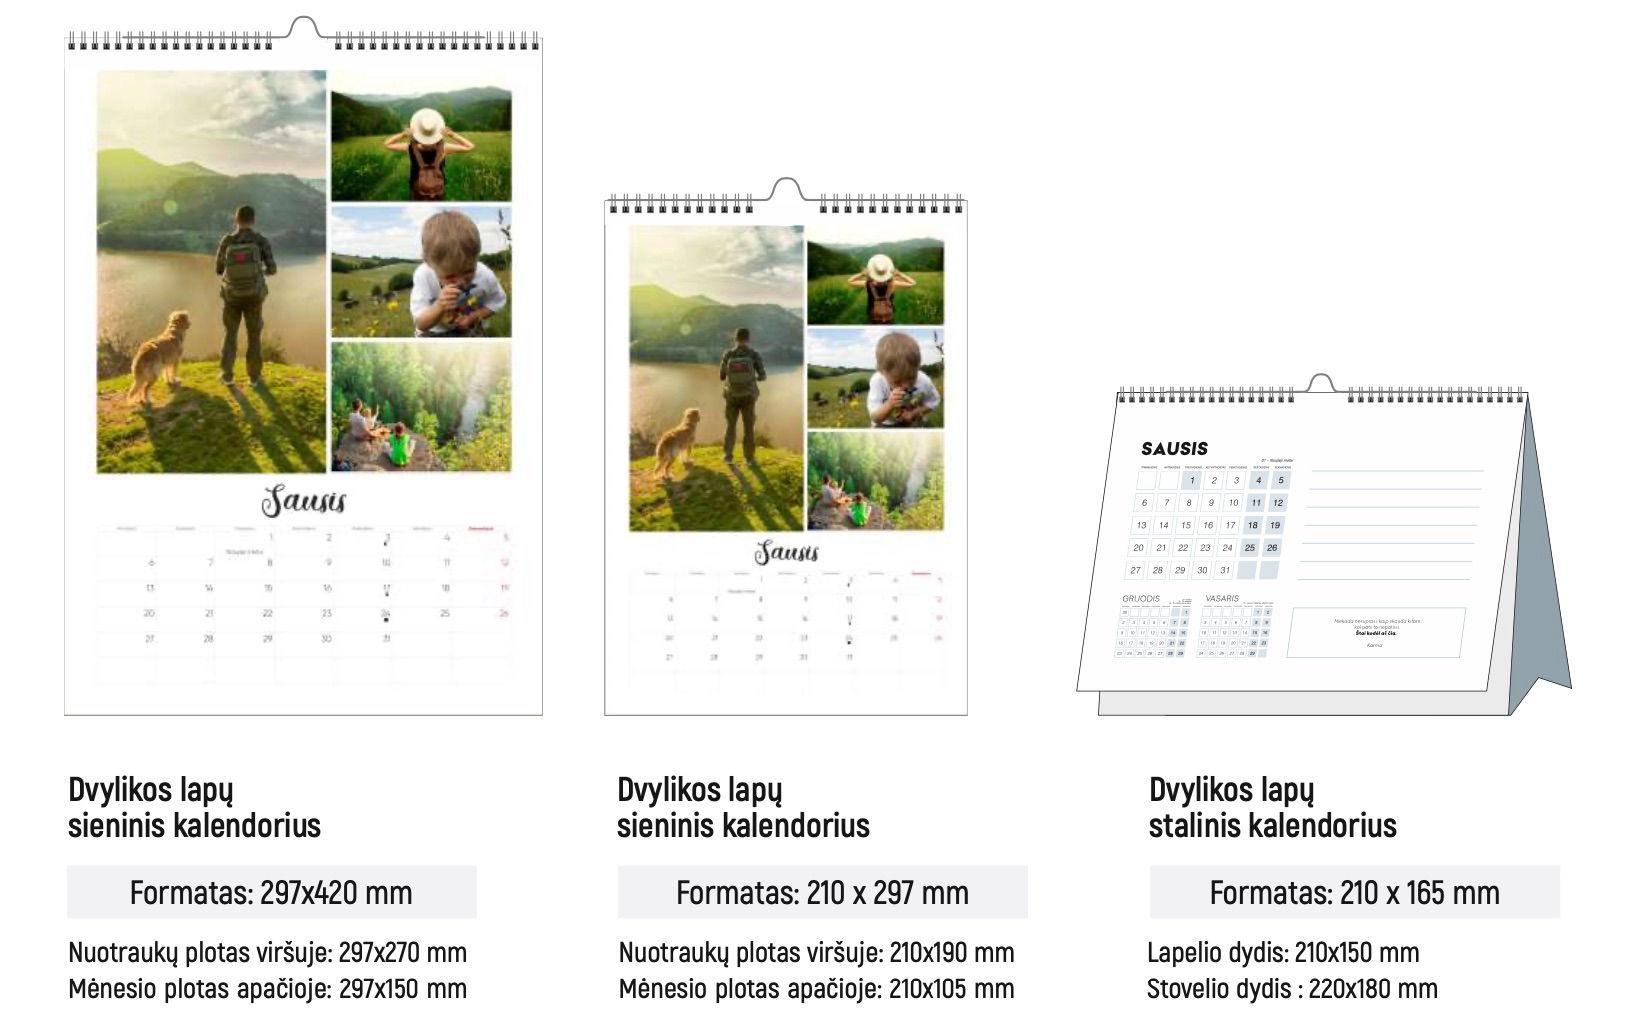 Vartomi kalendoriai